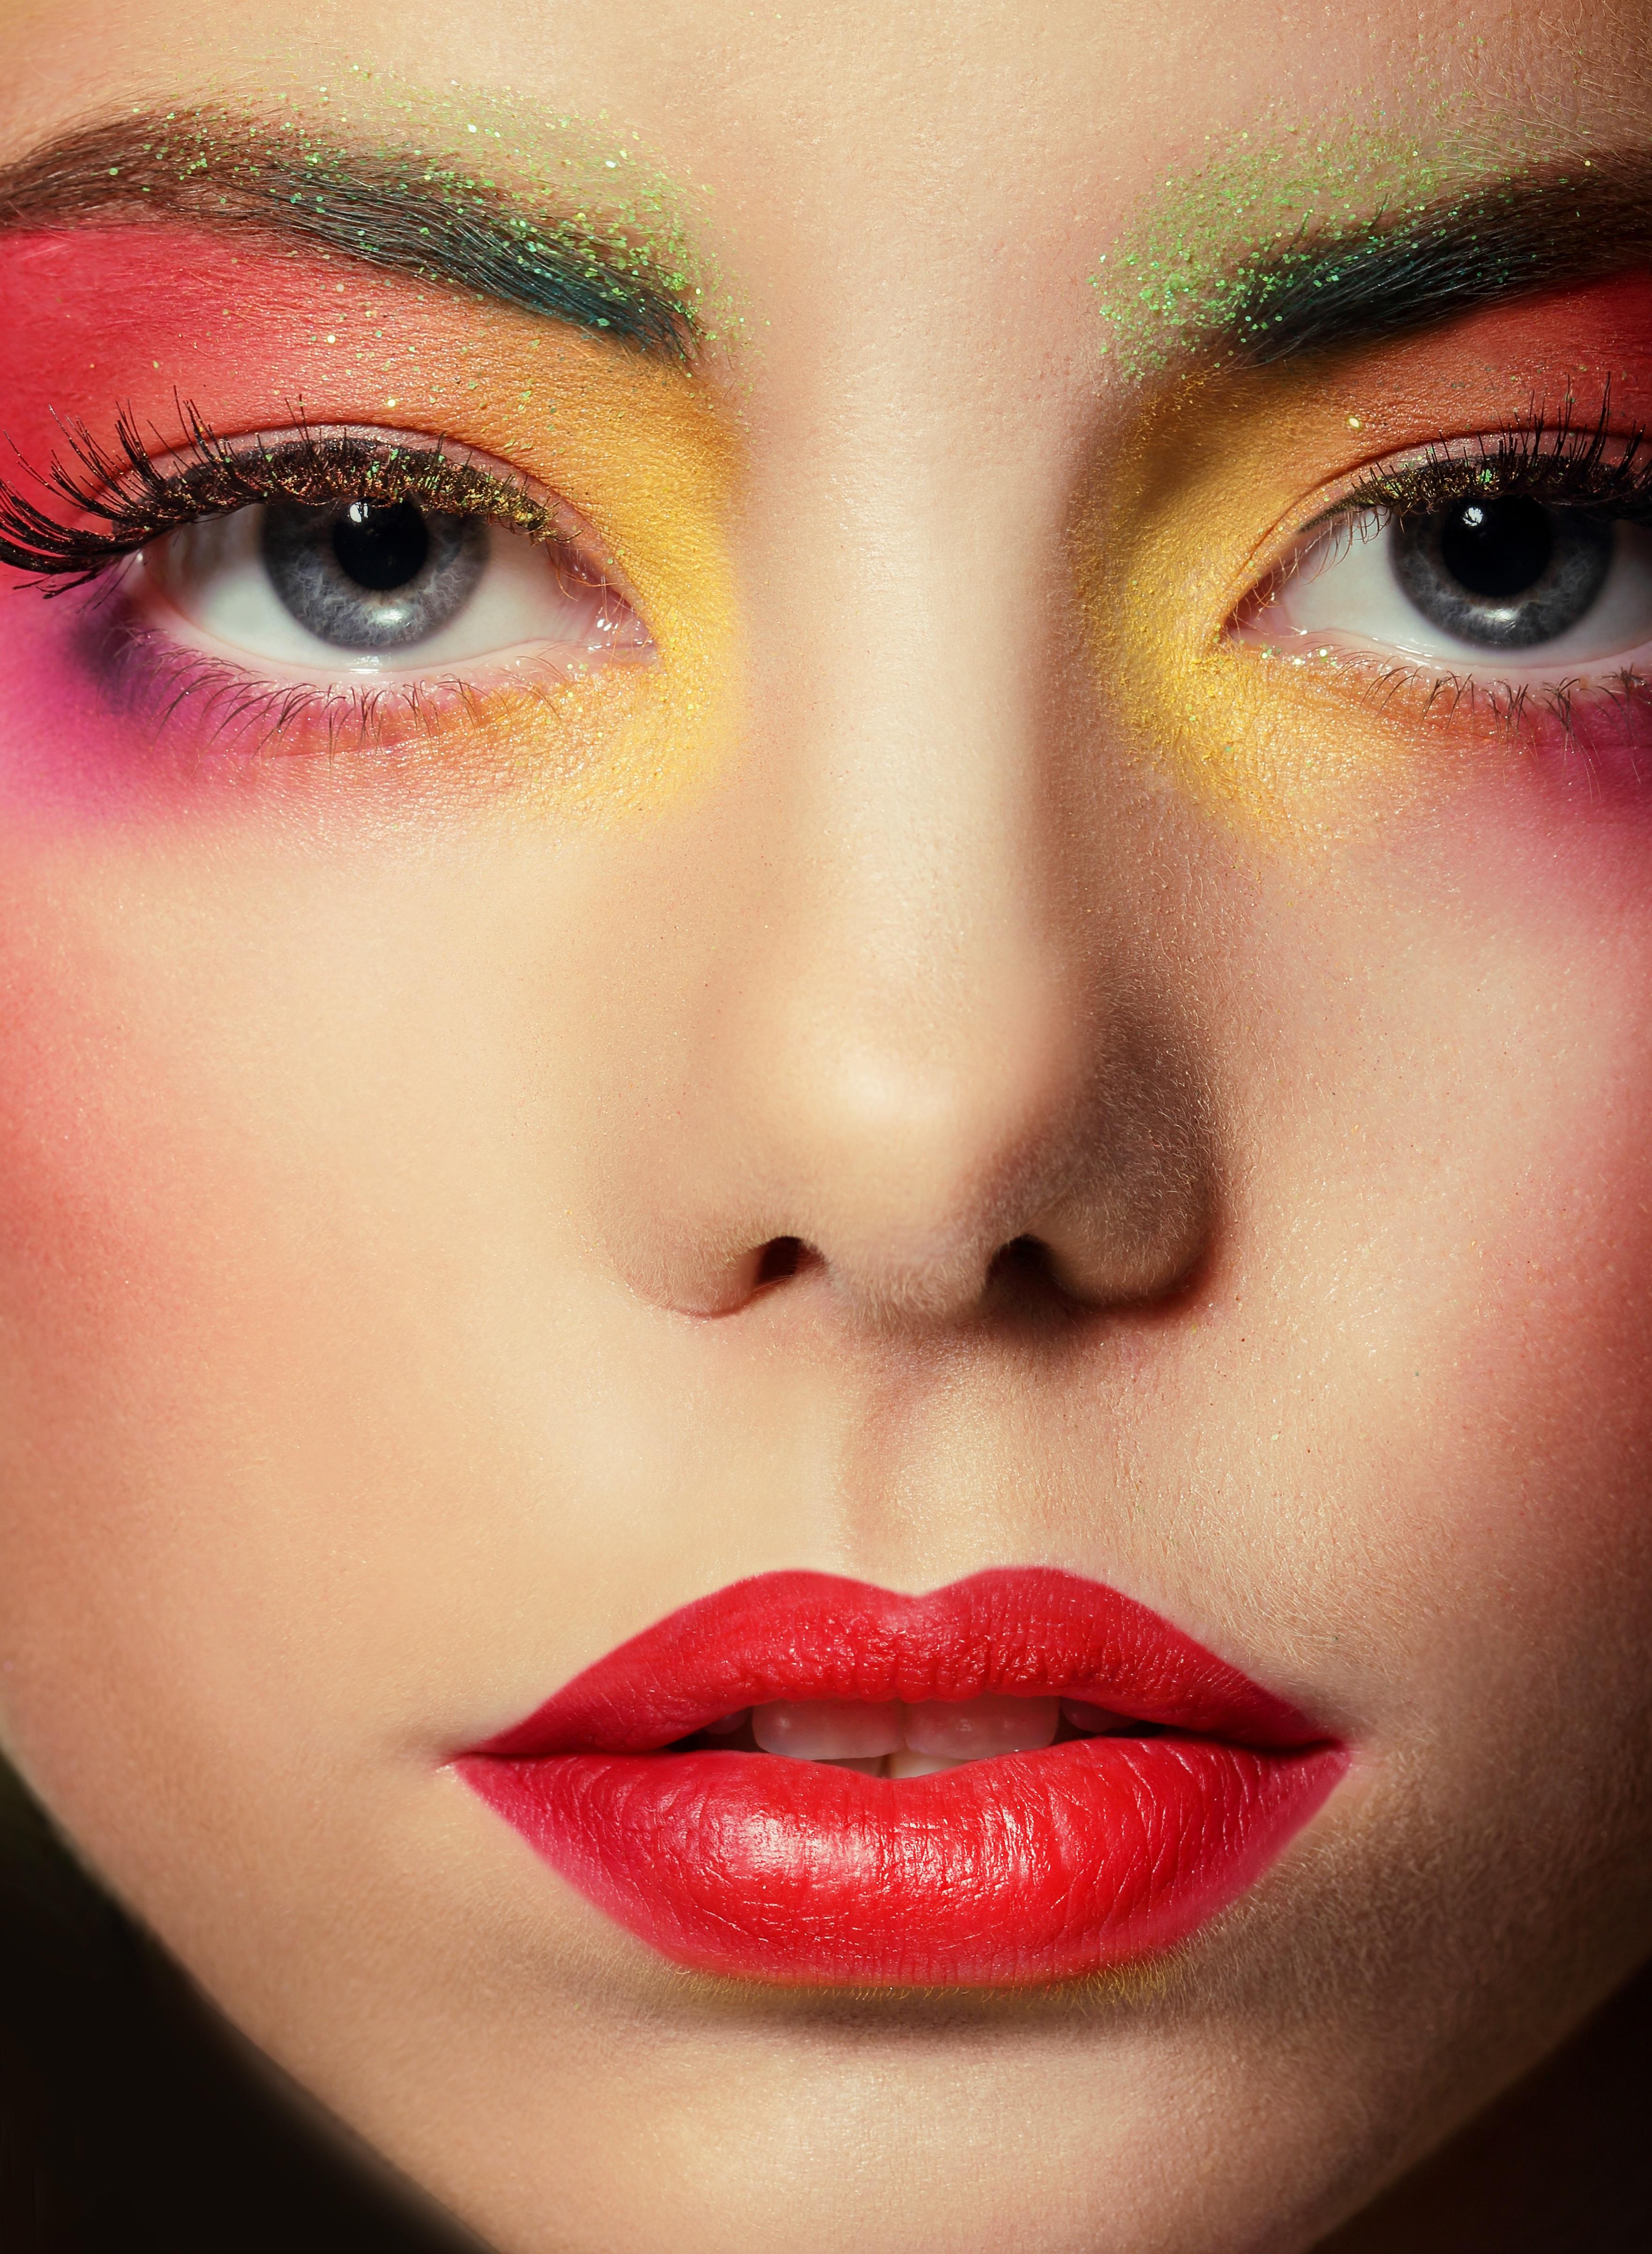 Poze Persoană Femeie Roșu Culoare Umbră Colorat A închide